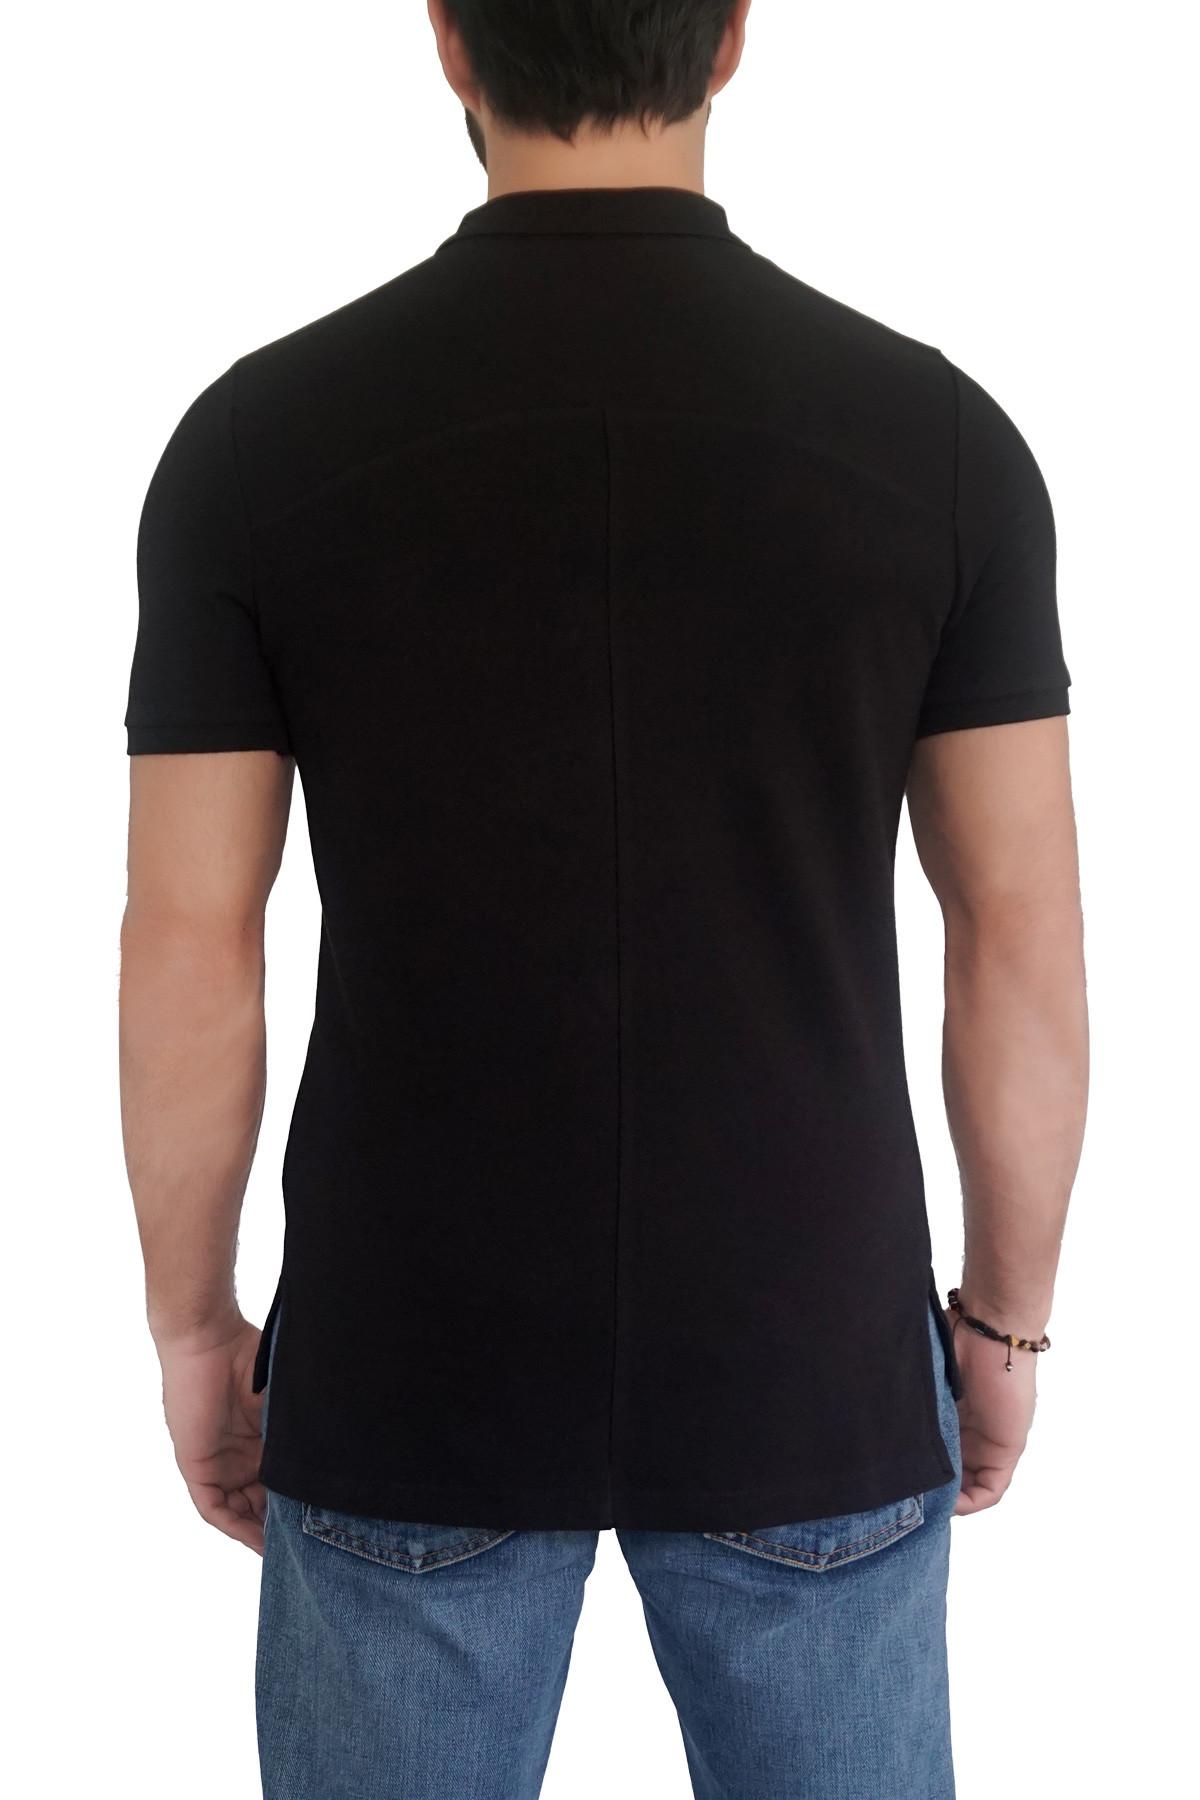 MOF Erkek Siyah T-Shirt POLO-S 2